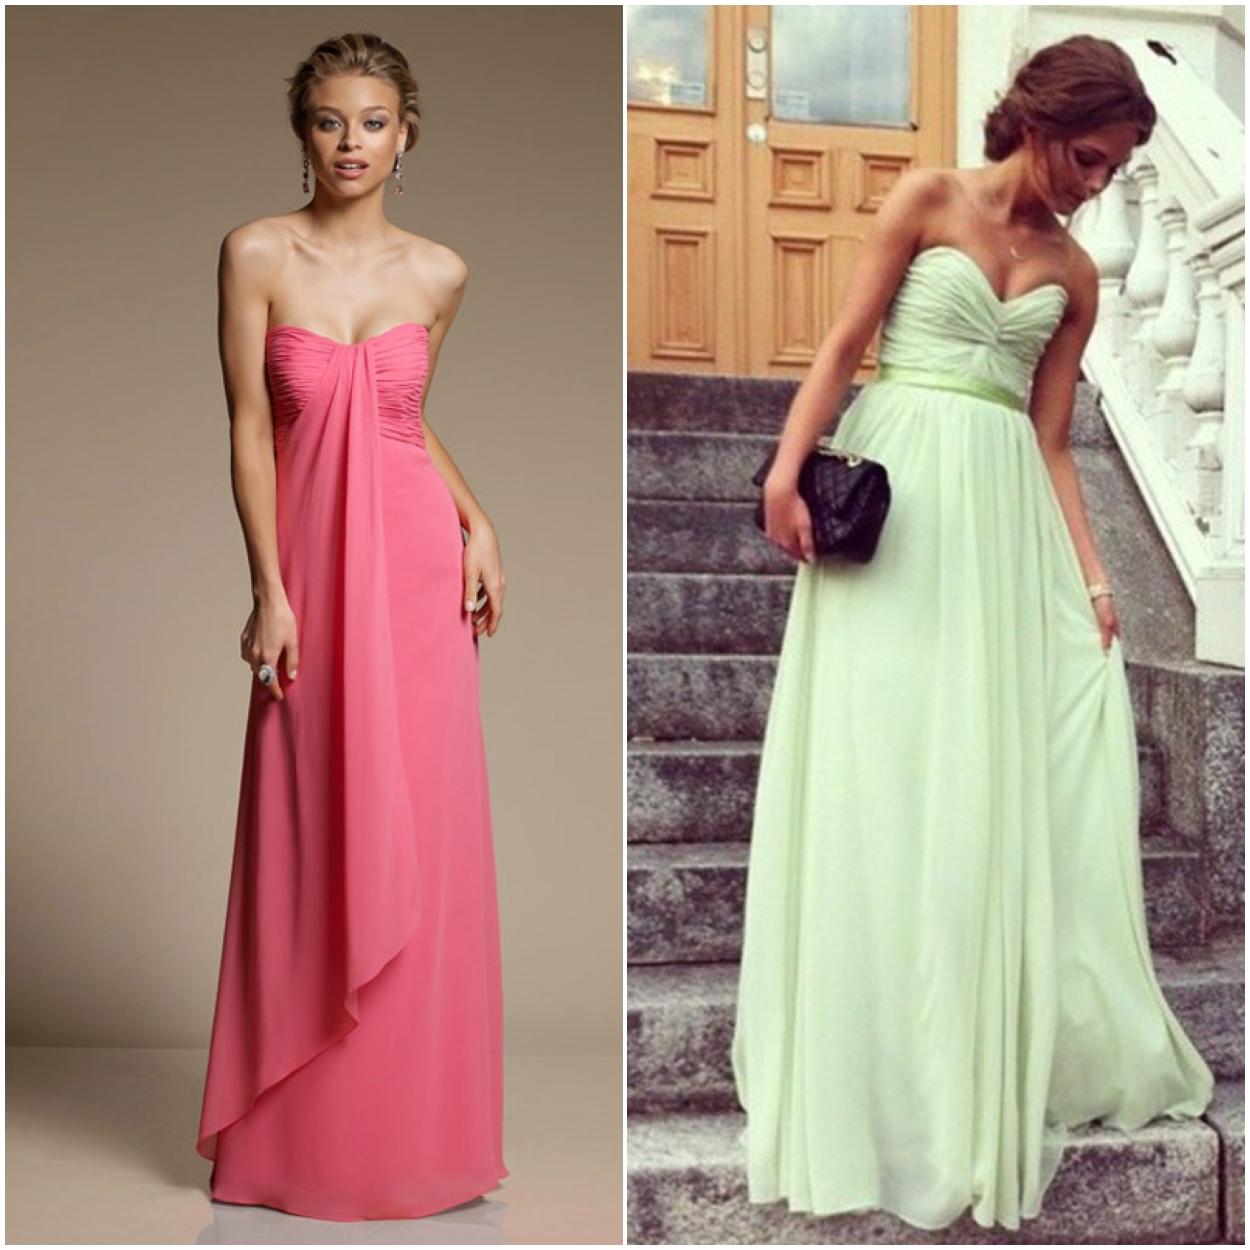 Une robe longue pour un mariage invité - La boutique de Maud